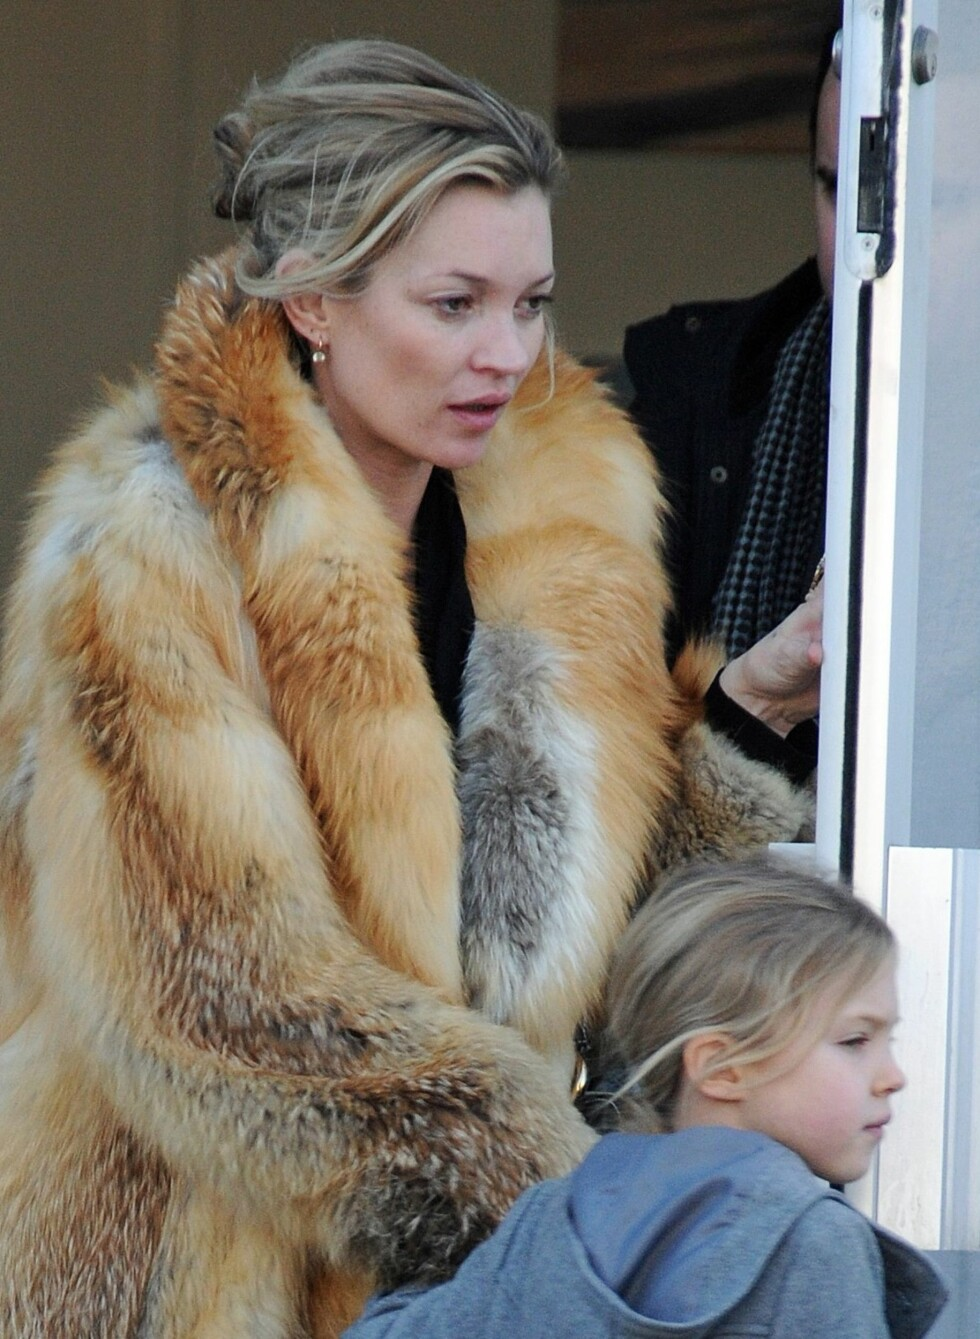 Også Kate Moss ser ut til å ha valgt å gi PETA og andre dyrevernorganisasjoner en grunn til å svarteliste henne i vinter. Her er hun ute sammen med datteren Lila Grace, ifør en lang pelskåpe.  Foto: All Over Press